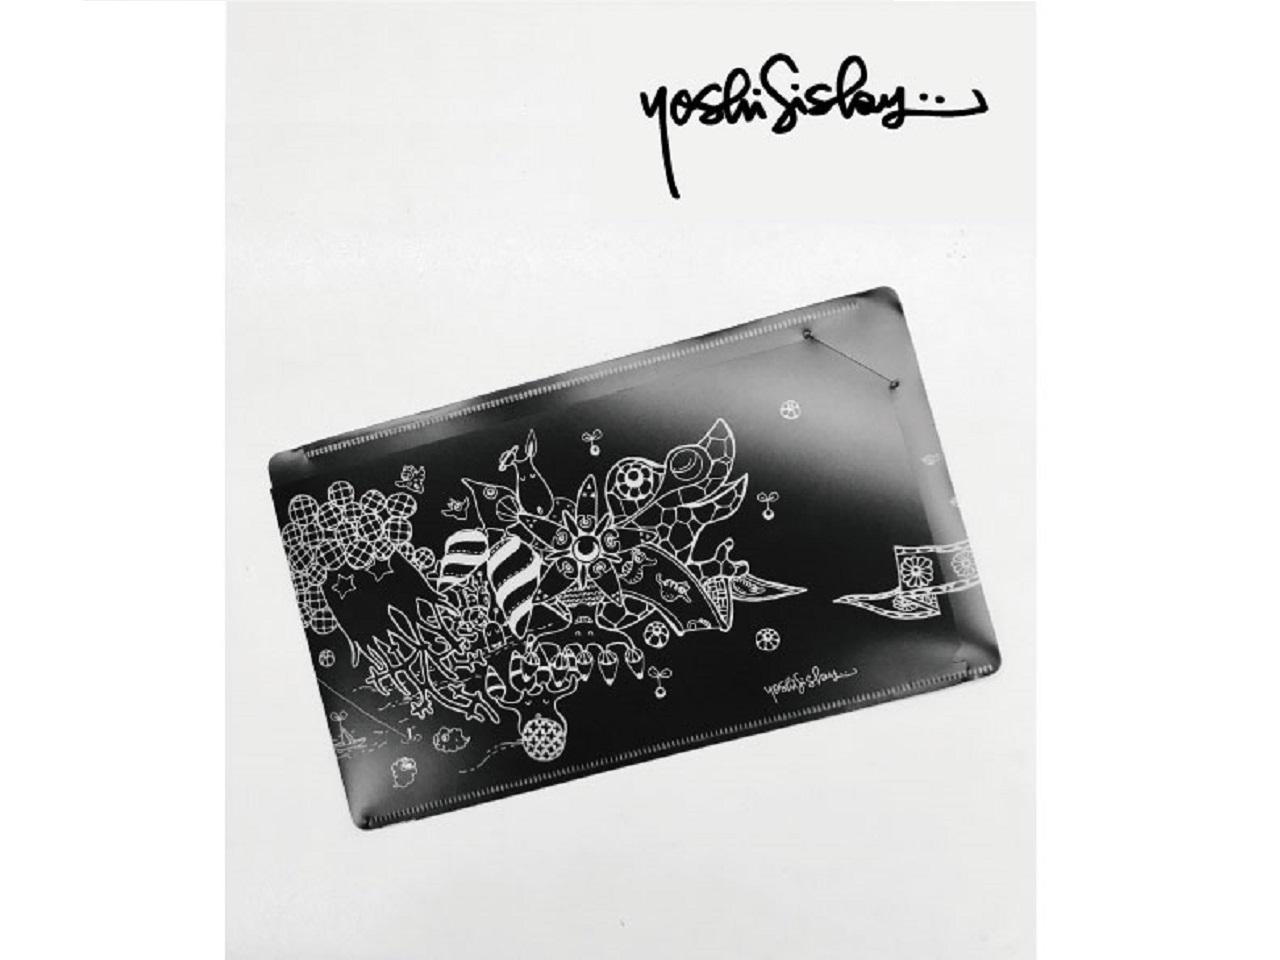 抗菌PP製マスクケース Yoshi Sislay (ヨシシスレー) デザイン ブラック